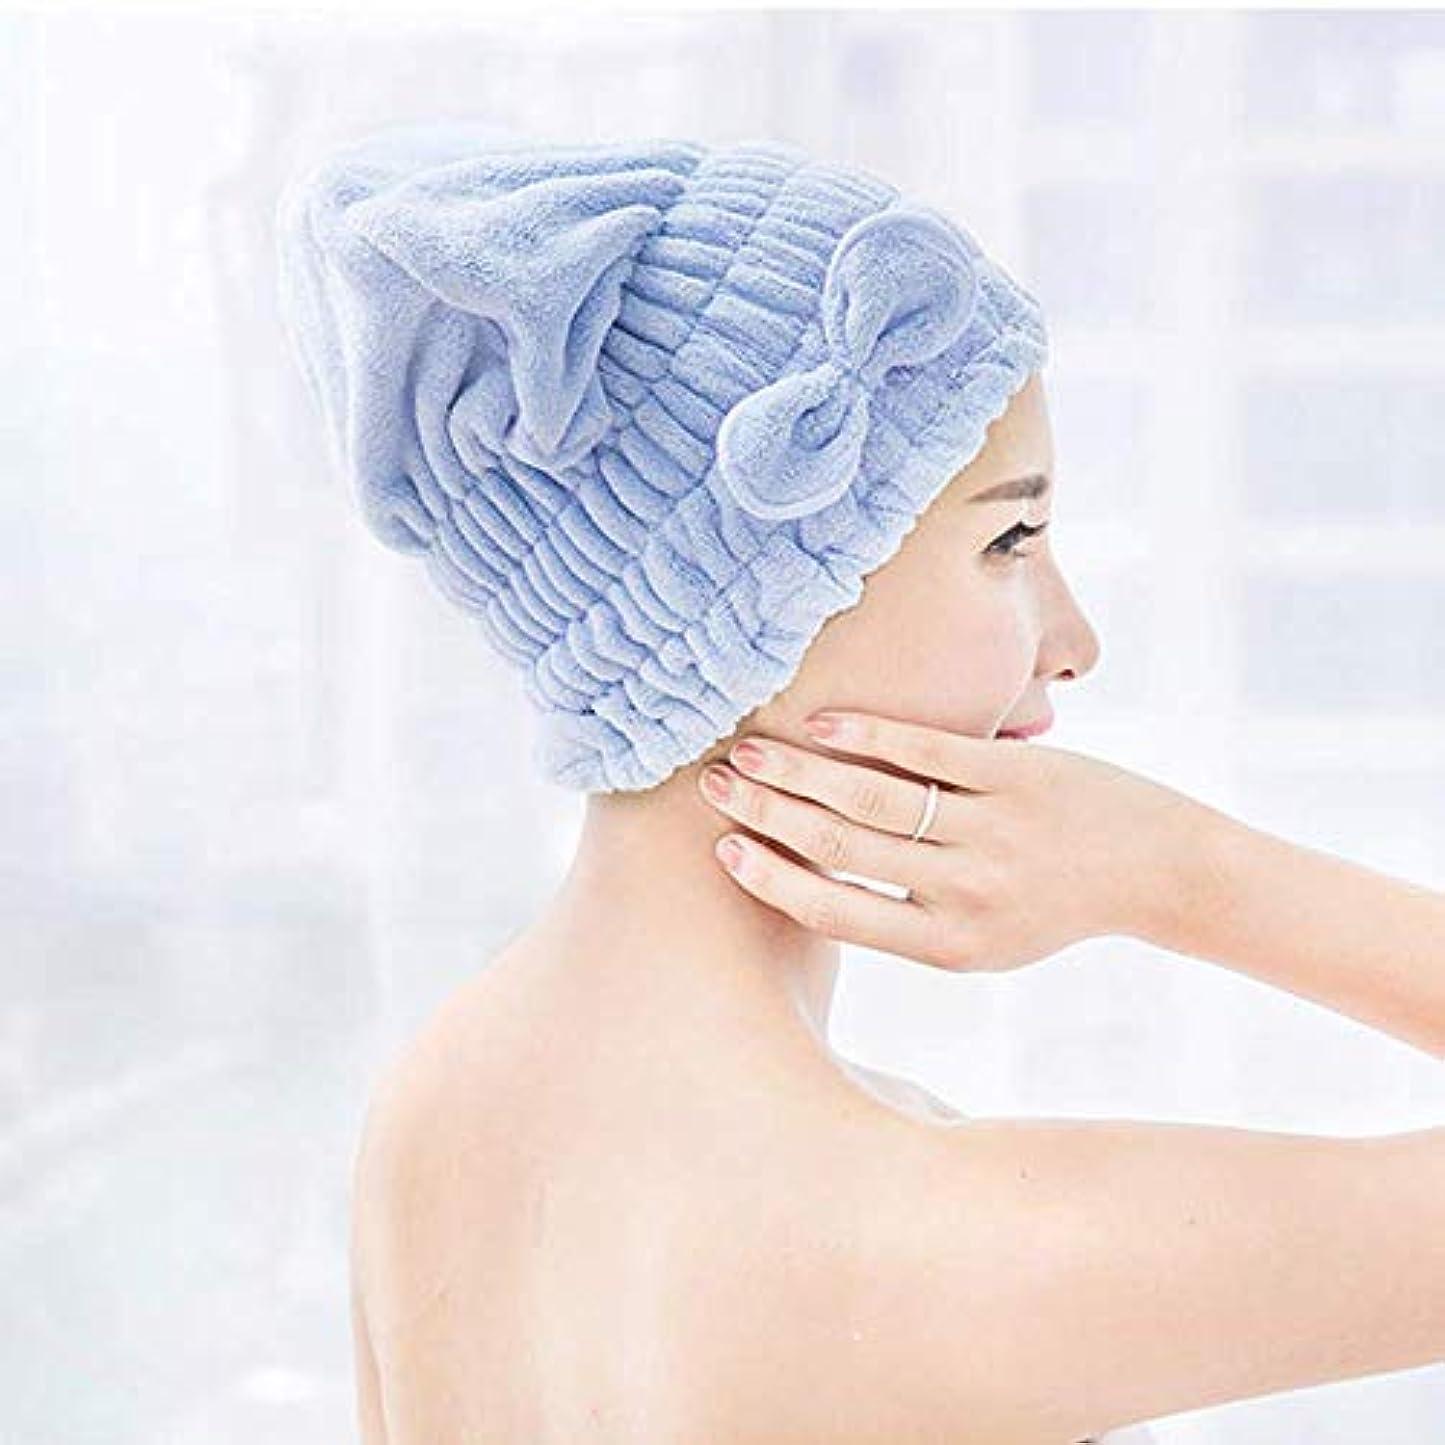 不均一言い直すもう一度loyouve ヘアドライタオル タオルキャップ 女の子 速乾 ヘアキャップ 強い吸水性 ドライキャップ マイクロファイバー ちょう結び キノコ 髪帽 (ブルー)